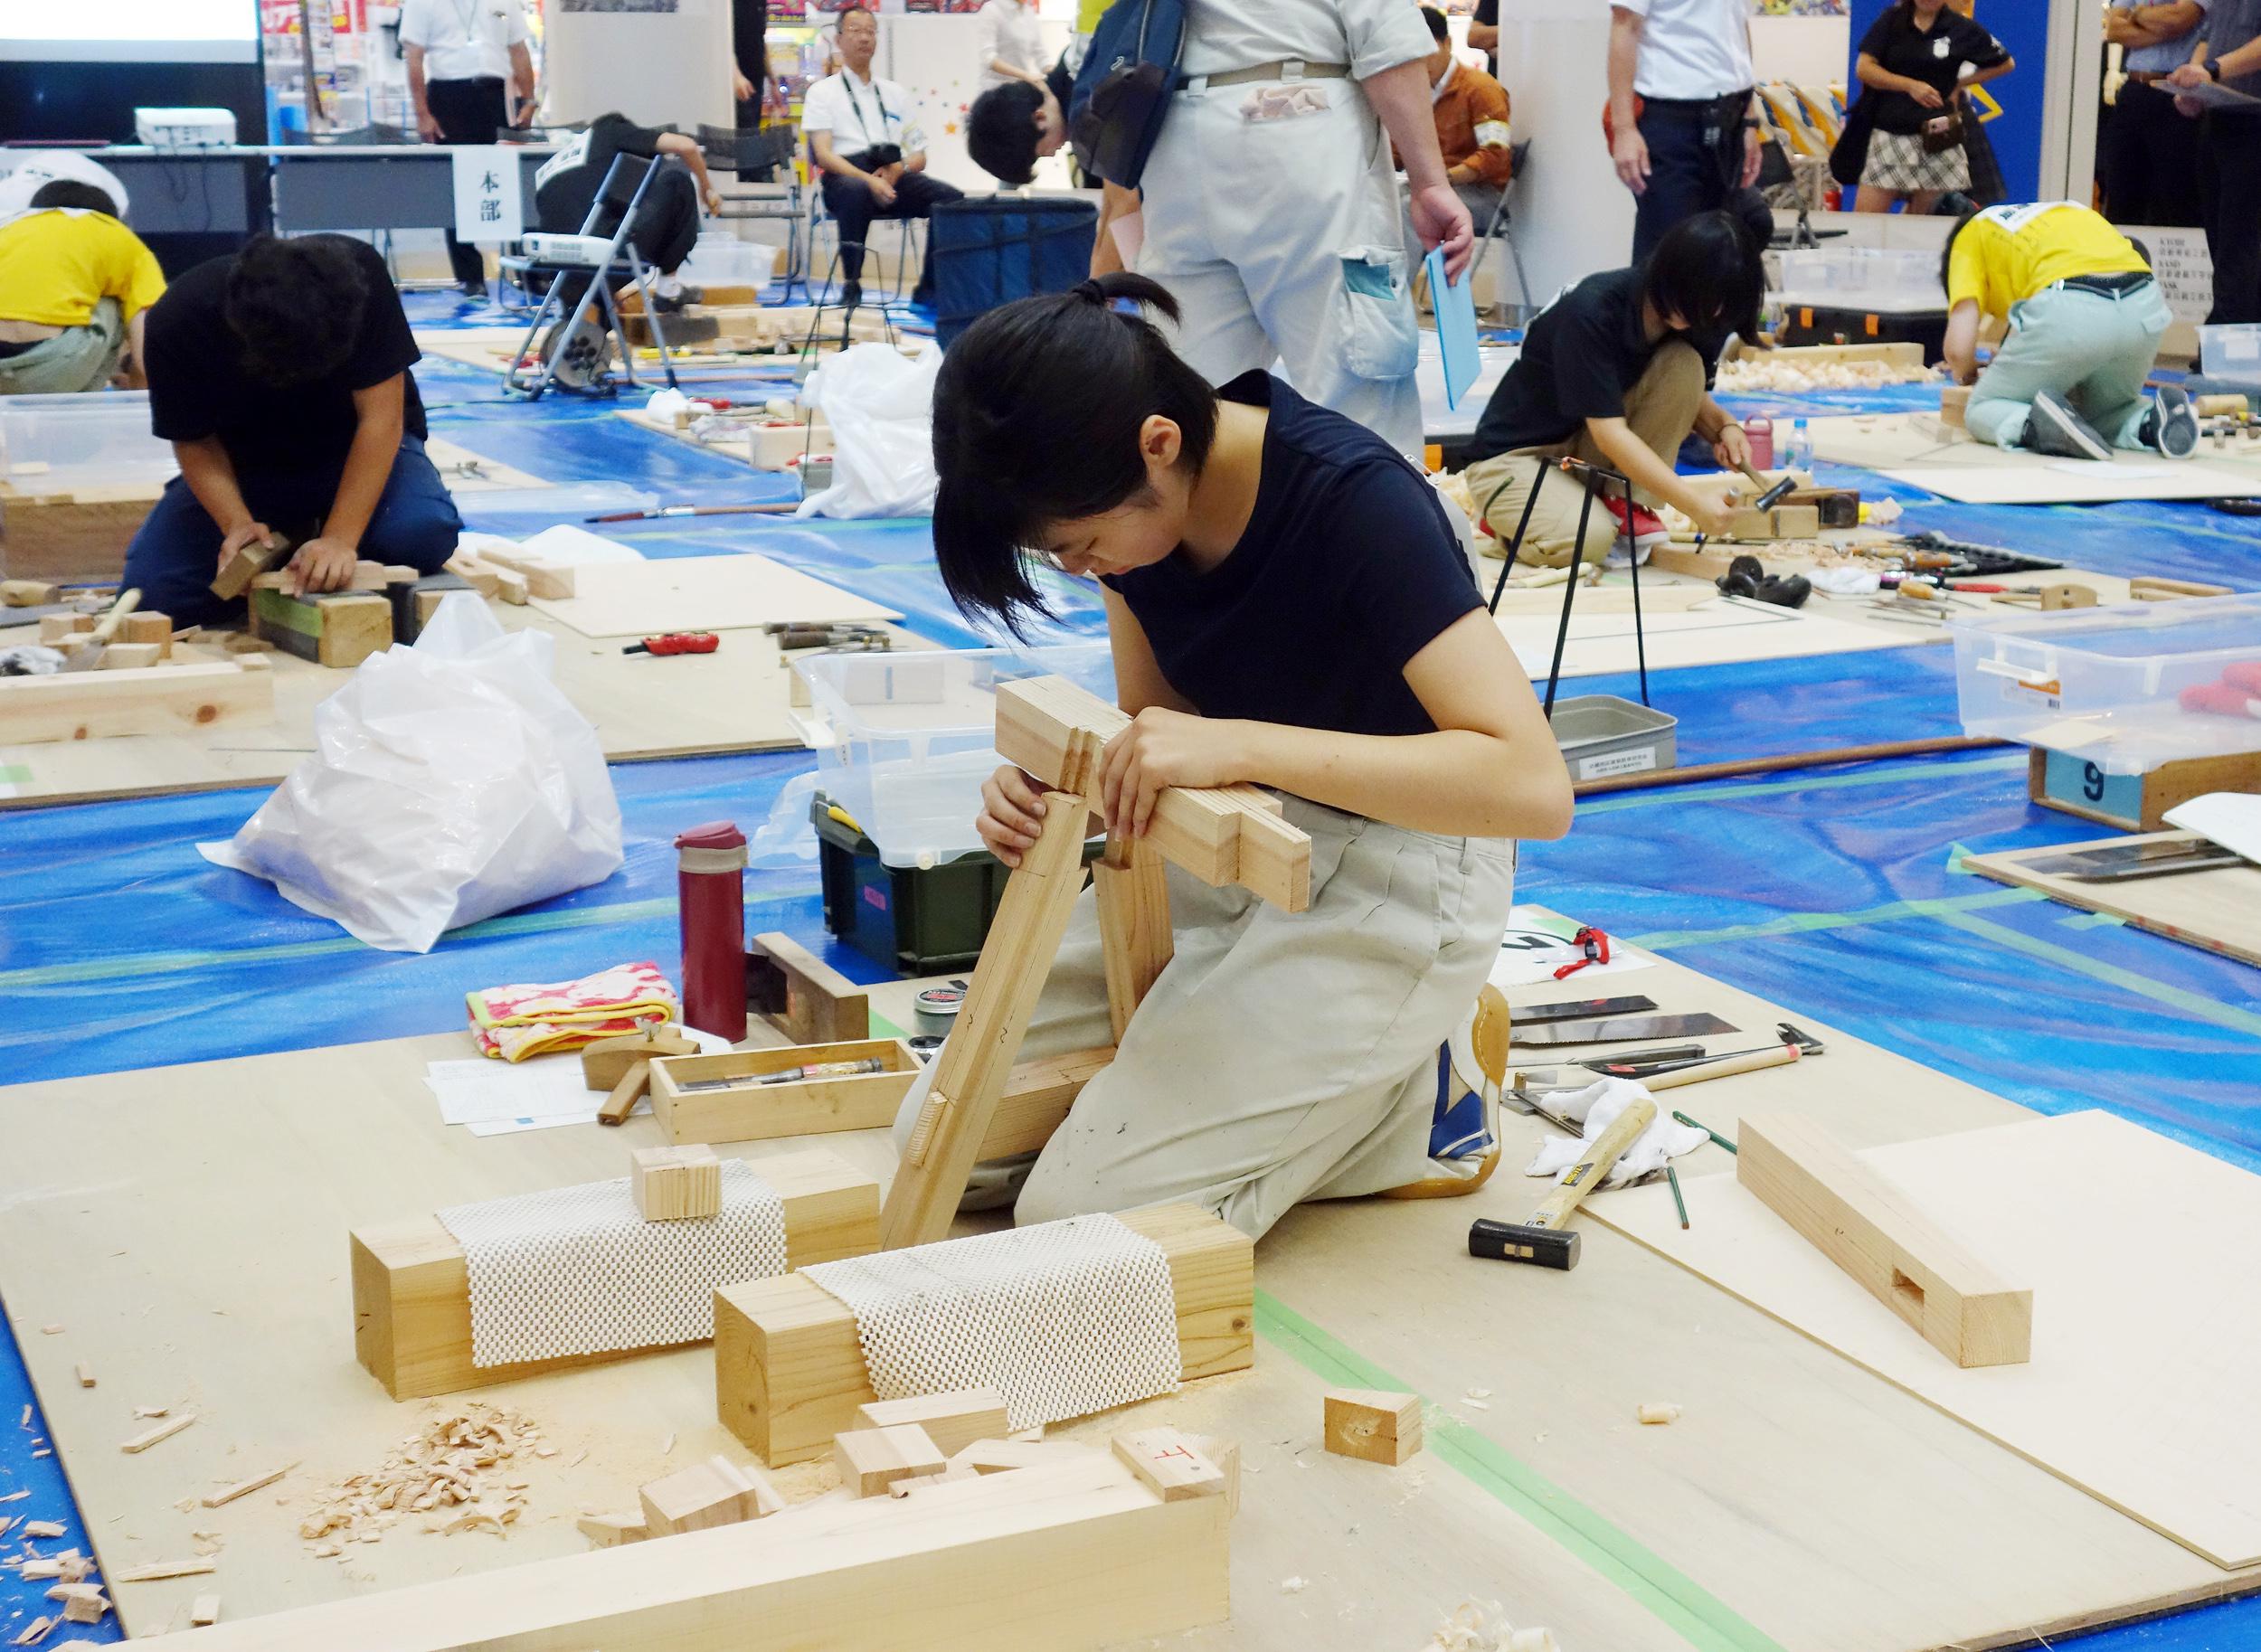 高校生 ものづくり コンテスト 高校生ものづくりコンテスト – 岡山県高等学校工業教育協会